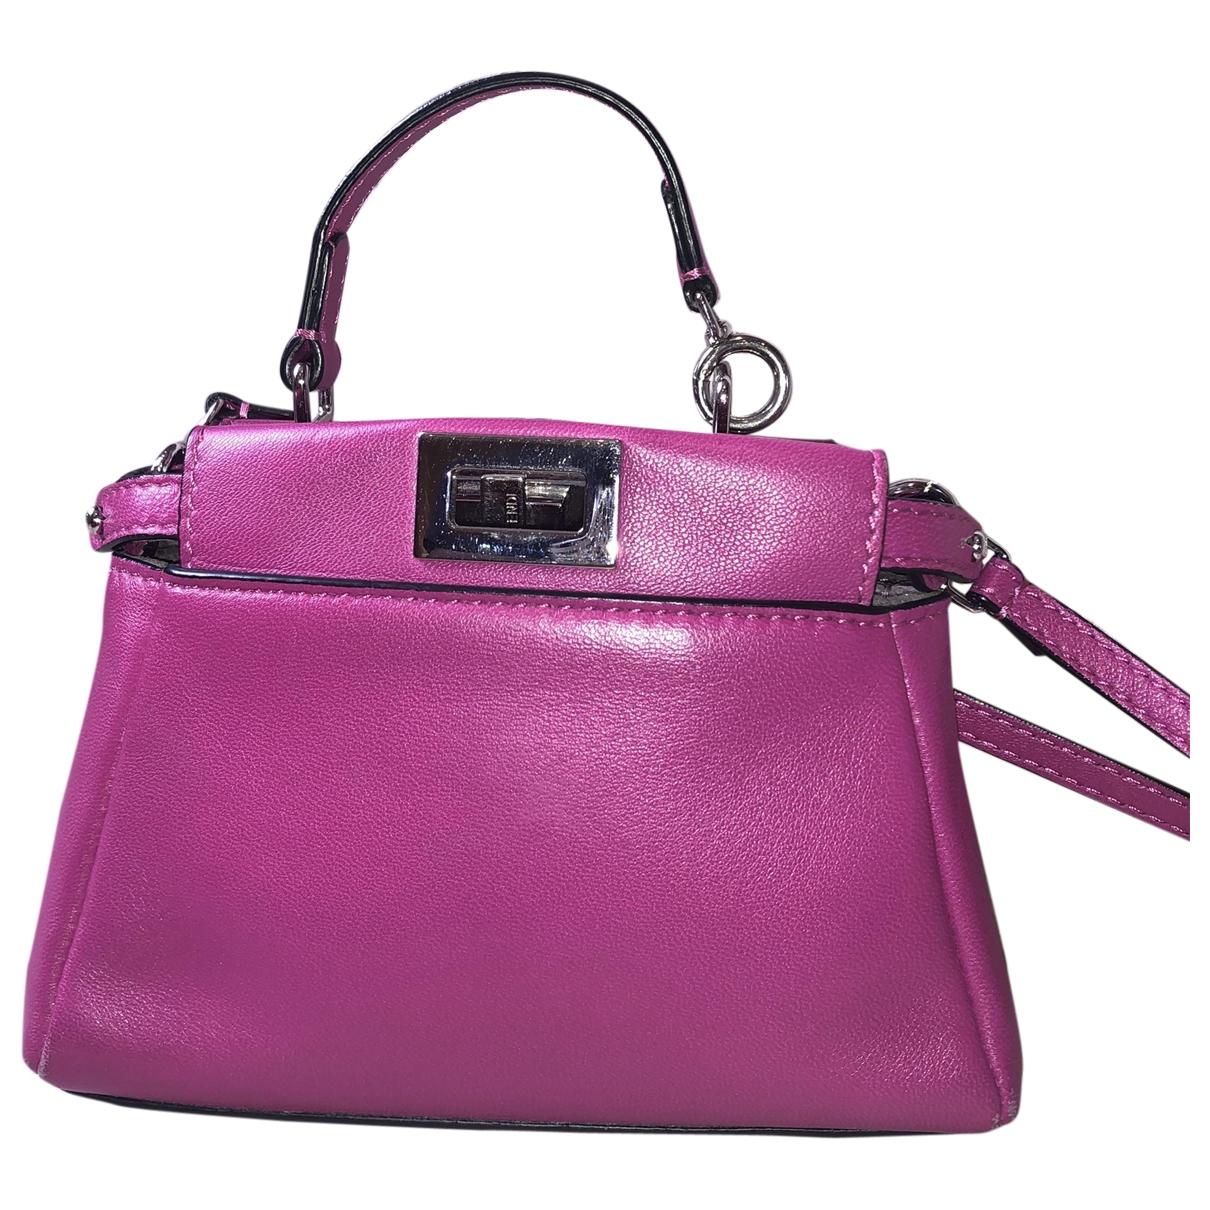 Fendi Peekaboo Handtasche in  Rosa Leder